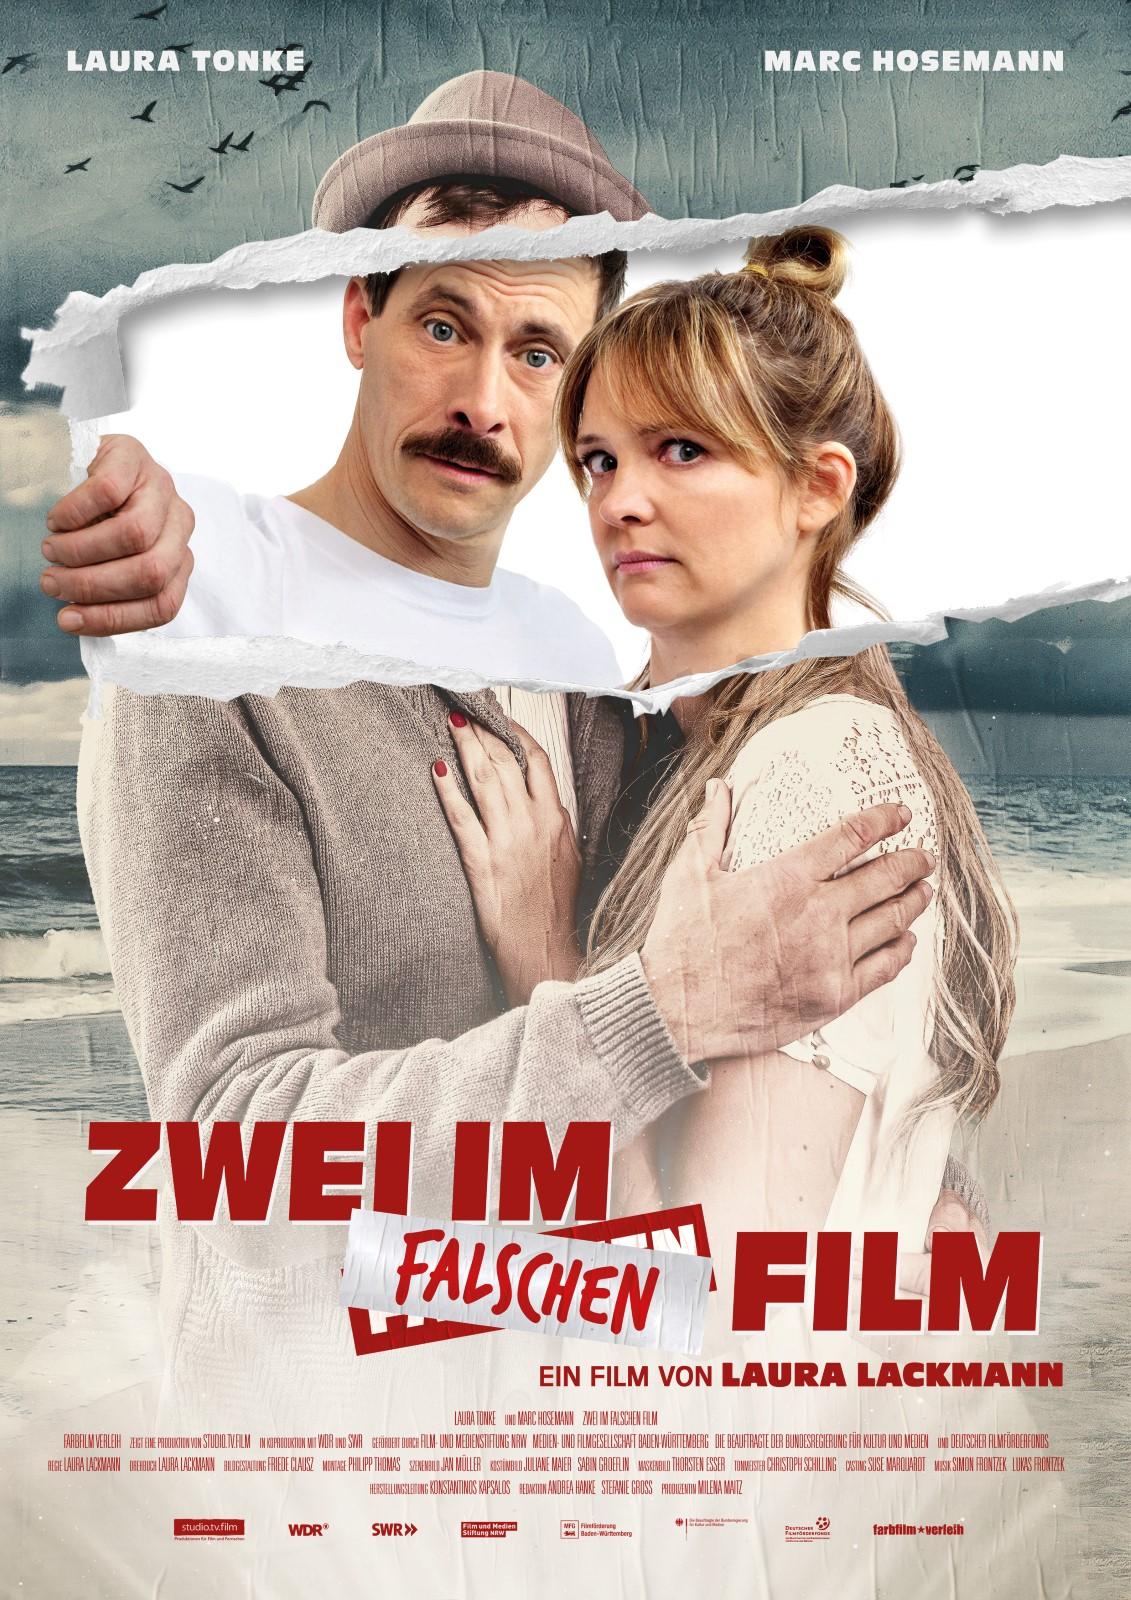 zwei film